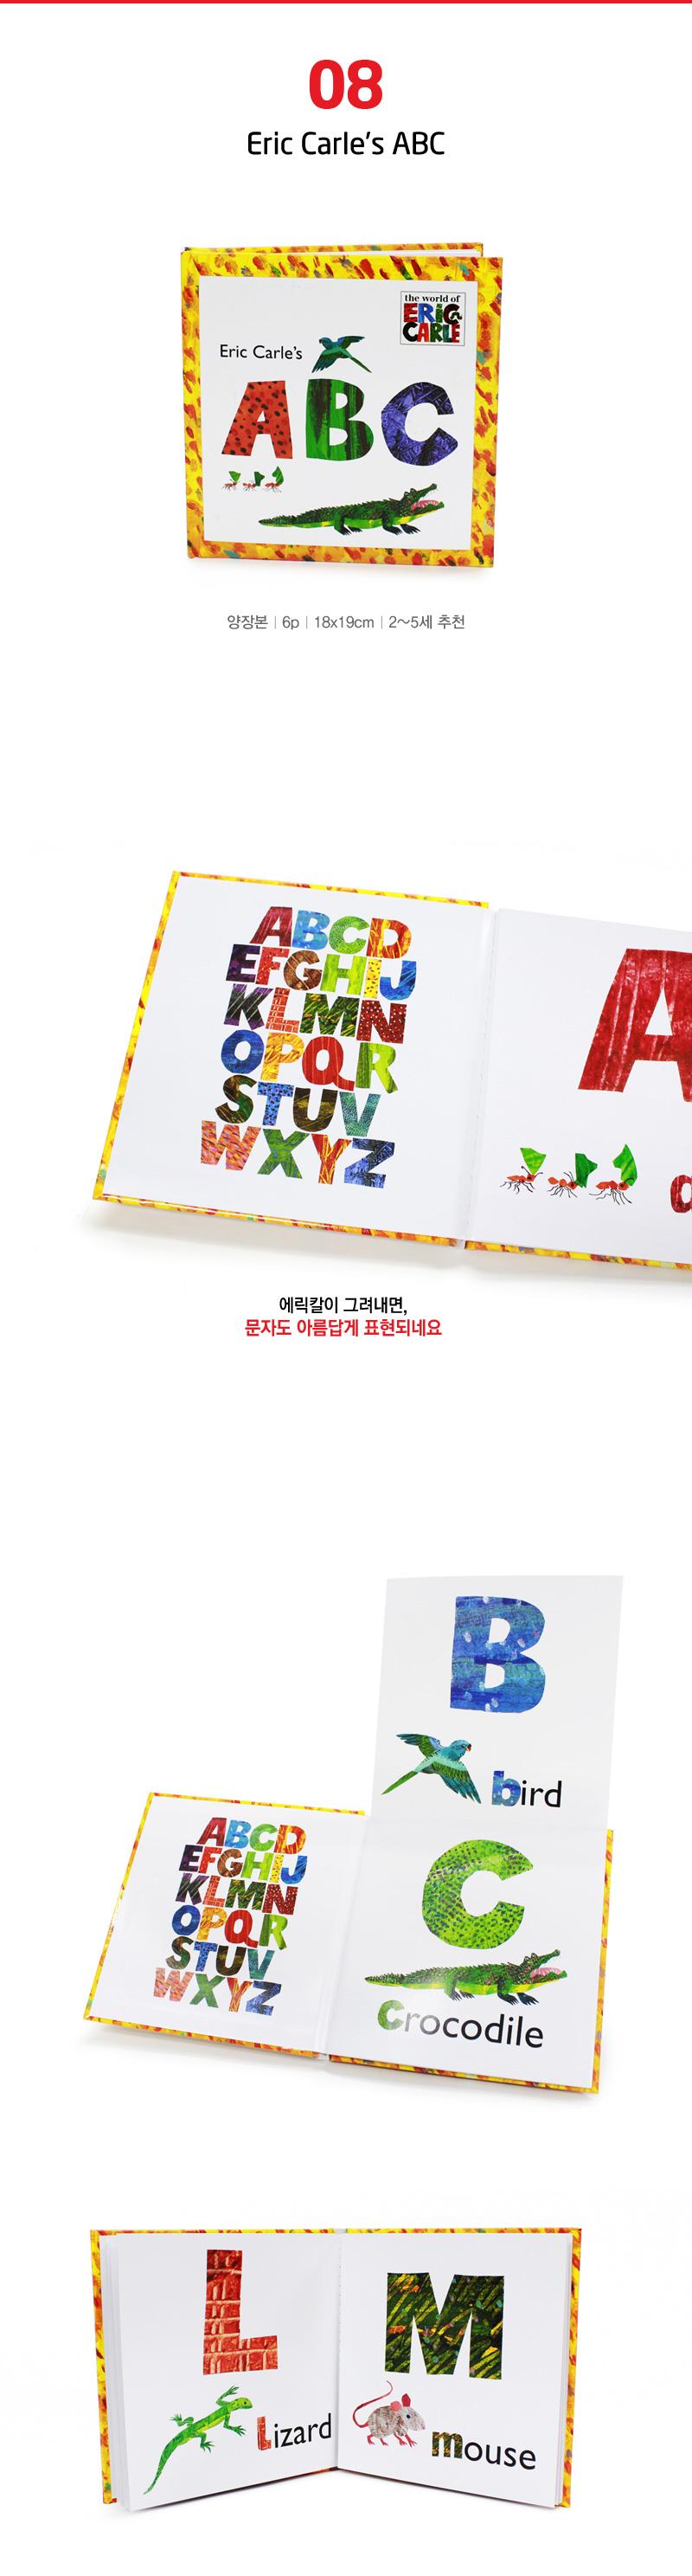 삼성출판사 에릭칼 베스트 도서 모음전